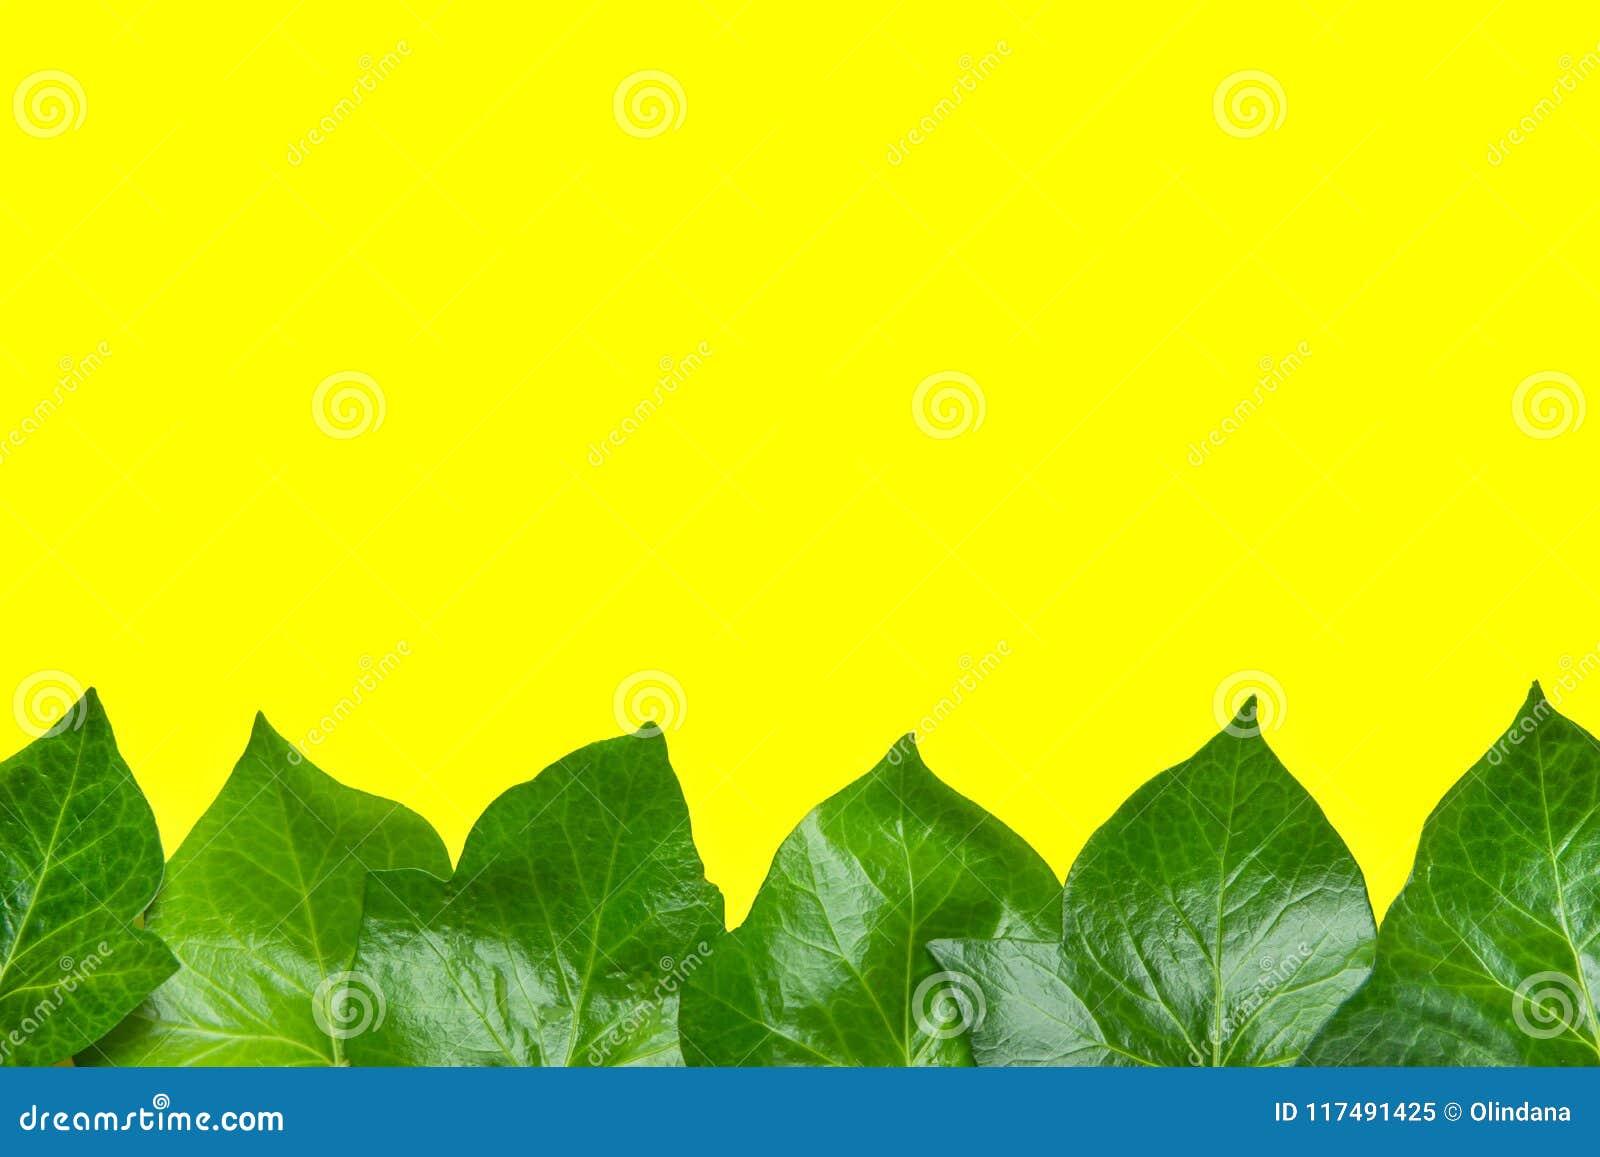 Teste padrão bonito de Ivy Leaves Forming Frame Border verde fresca no fundo amarelo Molde do anúncio do cartaz da bandeira